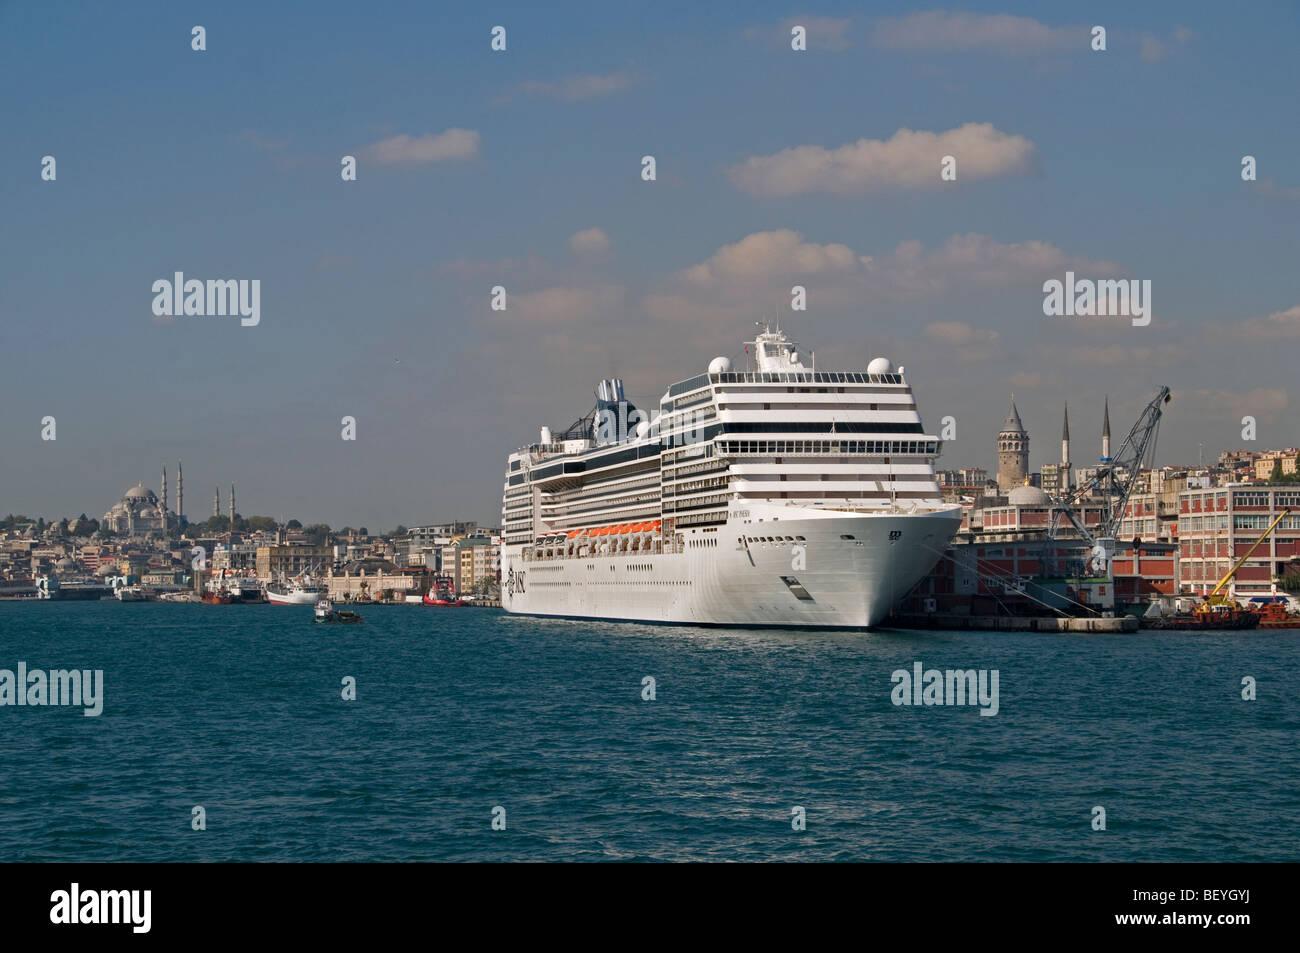 Istanbul Bosphorus Cruise Port Harbor Turkey Boat - Stock Image